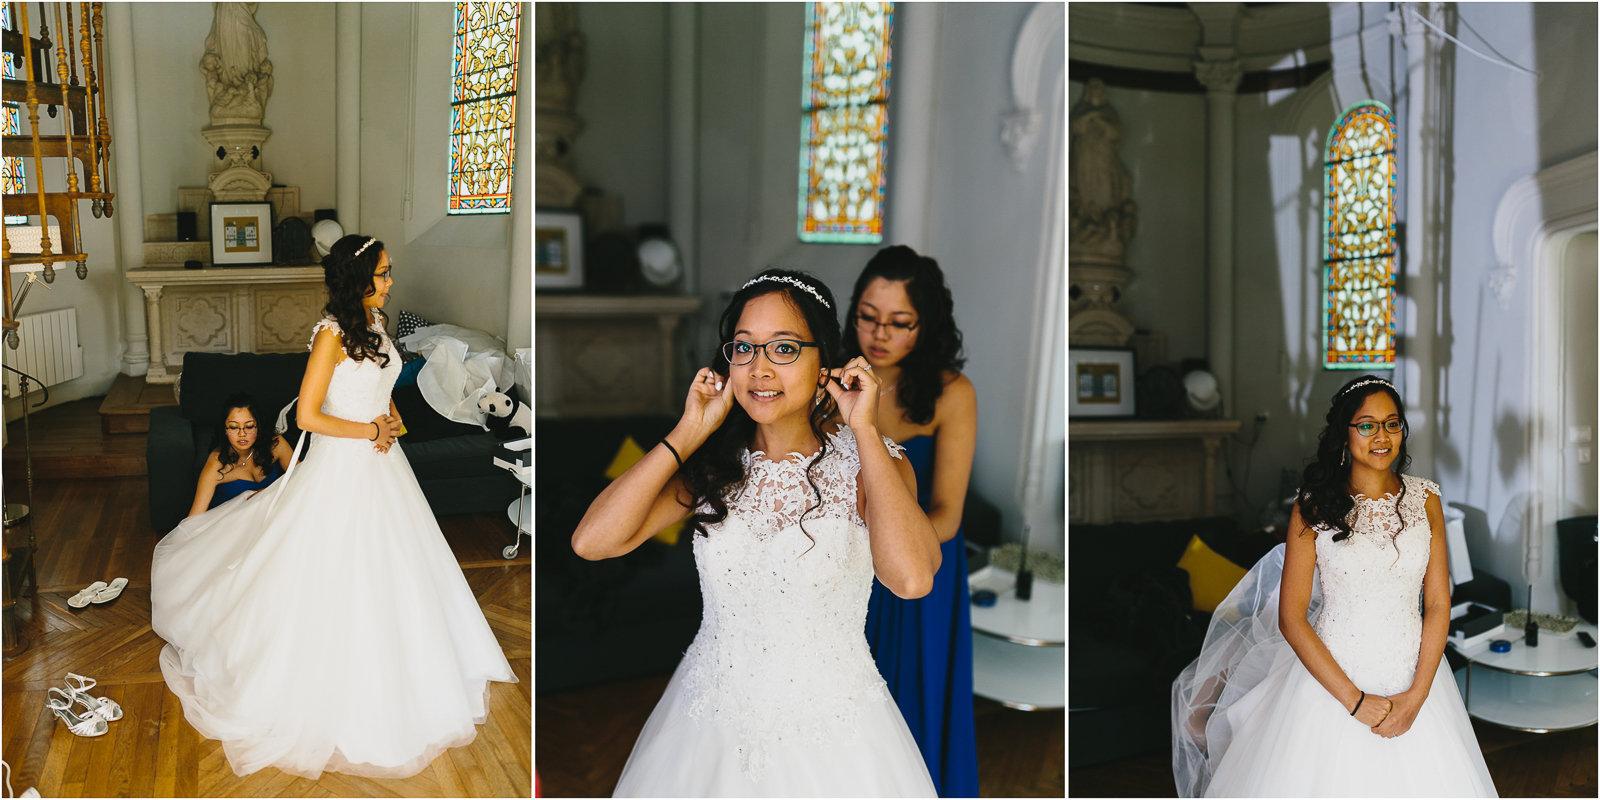 Photographe mariage la baule (6 of 12).jpg